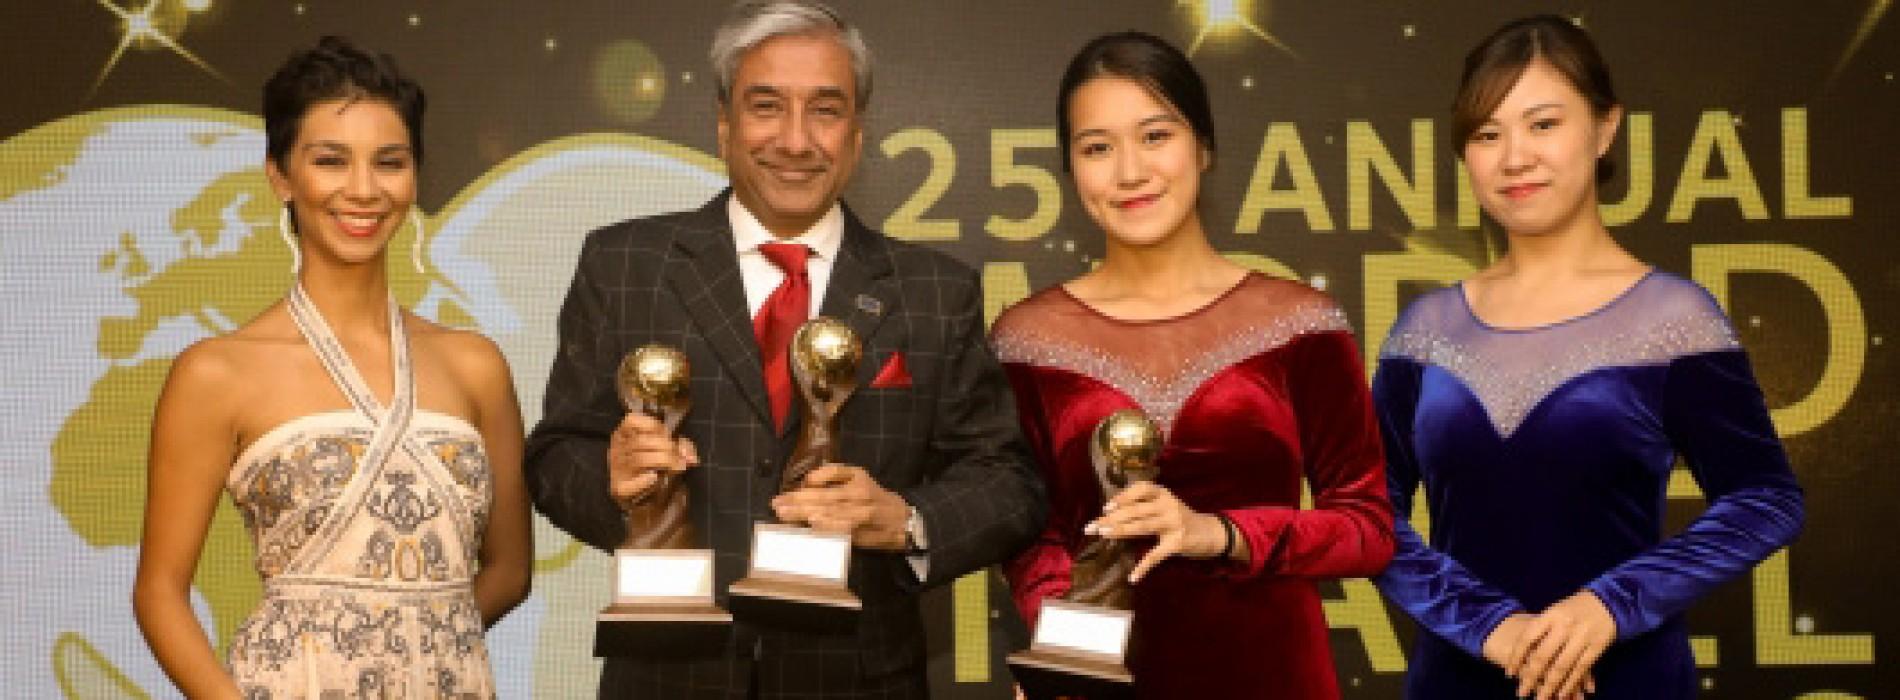 Cox & Kings wins three awards at World Travel Awards